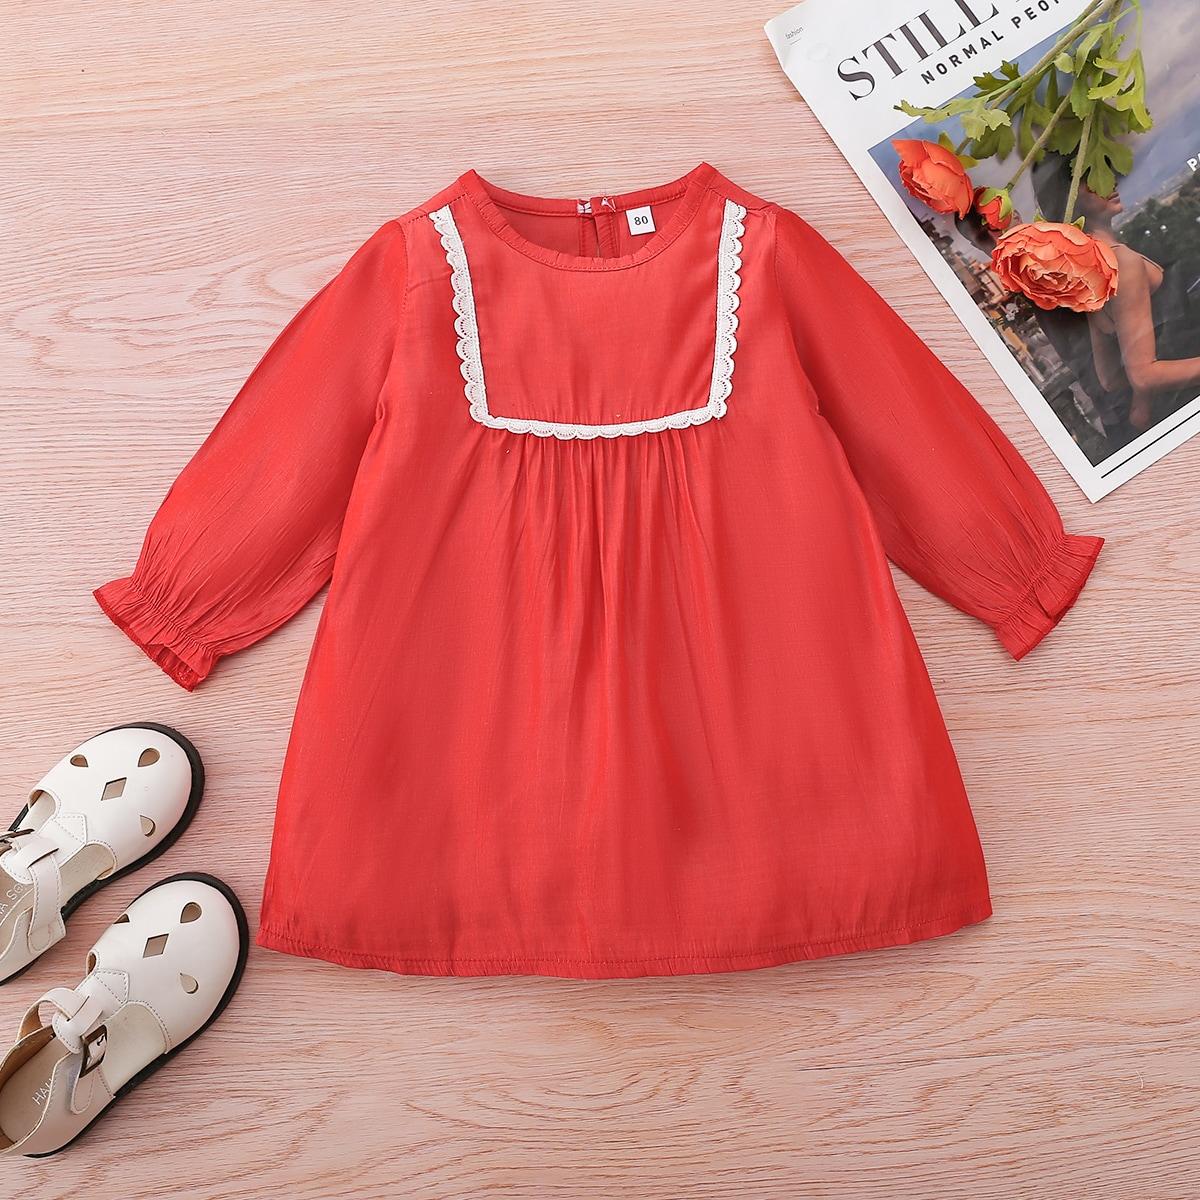 для девочек Платье-туника кружевной вставкой с рукавами-воланами от SHEIN